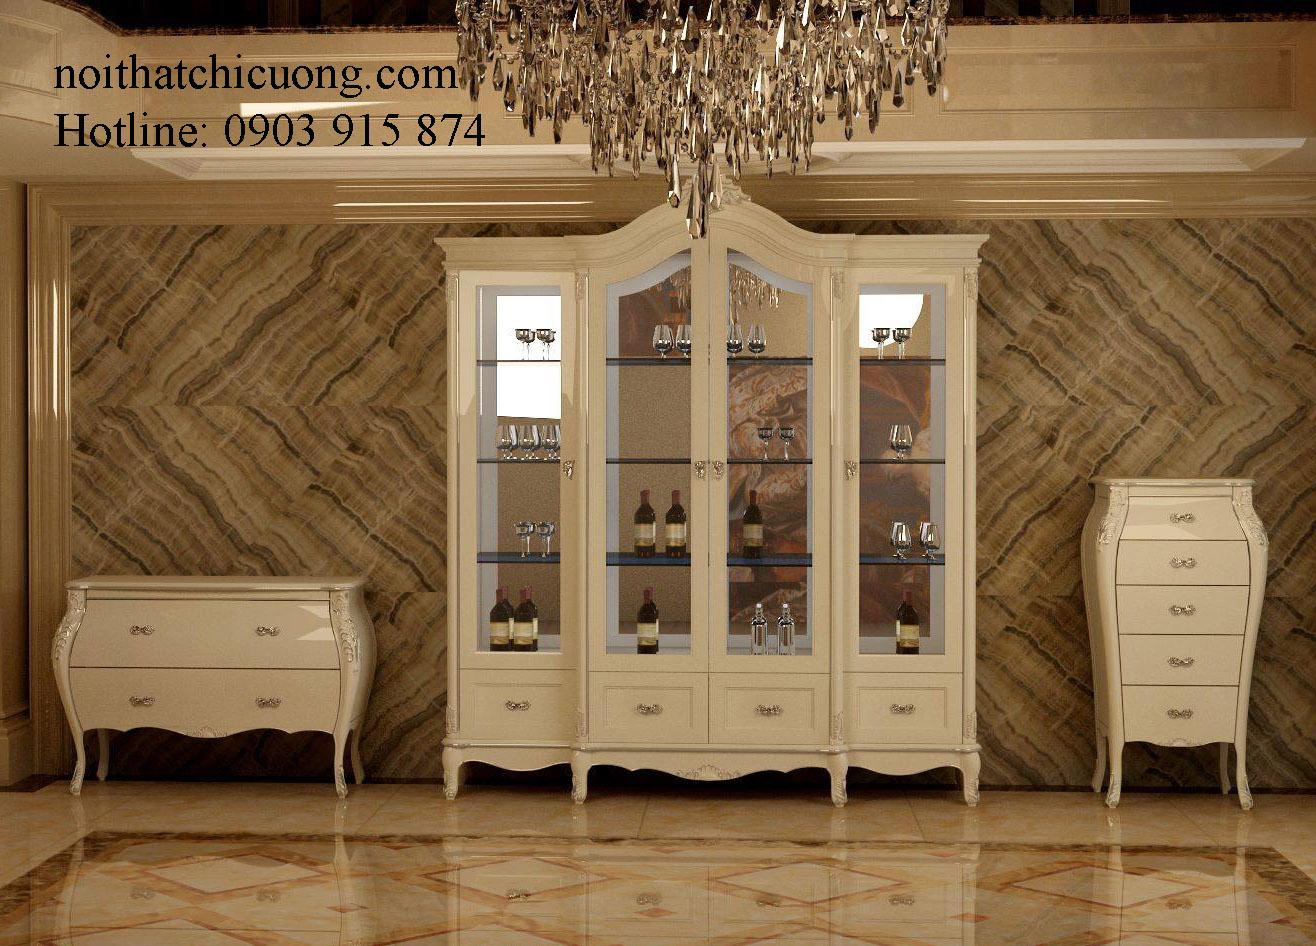 Nội Thất Phòng Khách- Tủ Rượu  Sơn Trắng - 035